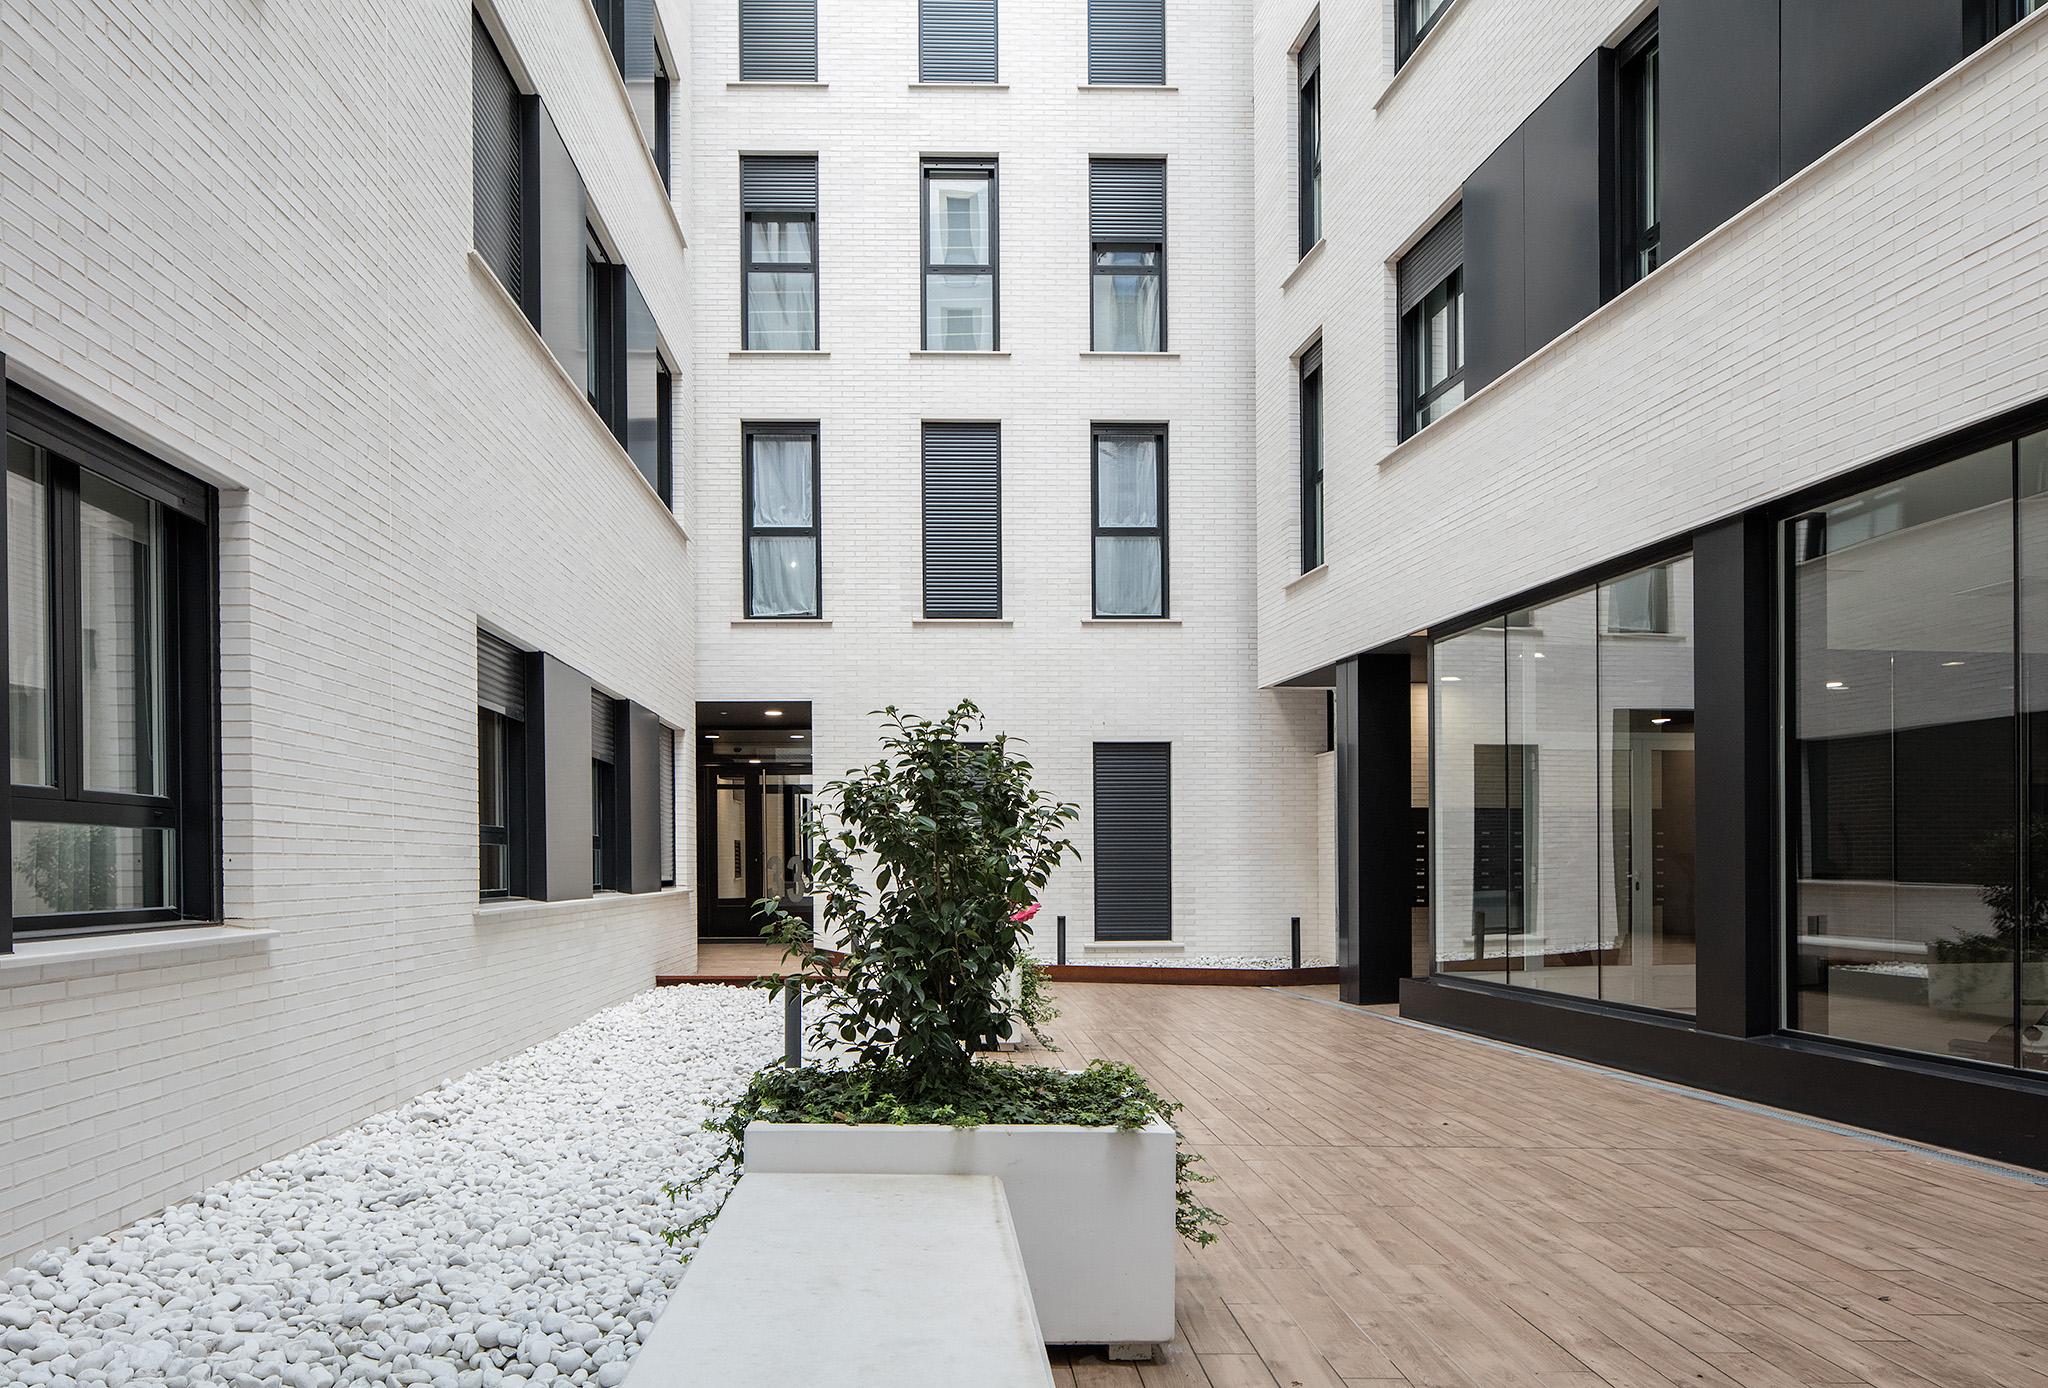 Imagen 2 del portal de acceso a la vivienda, proyecto de interio